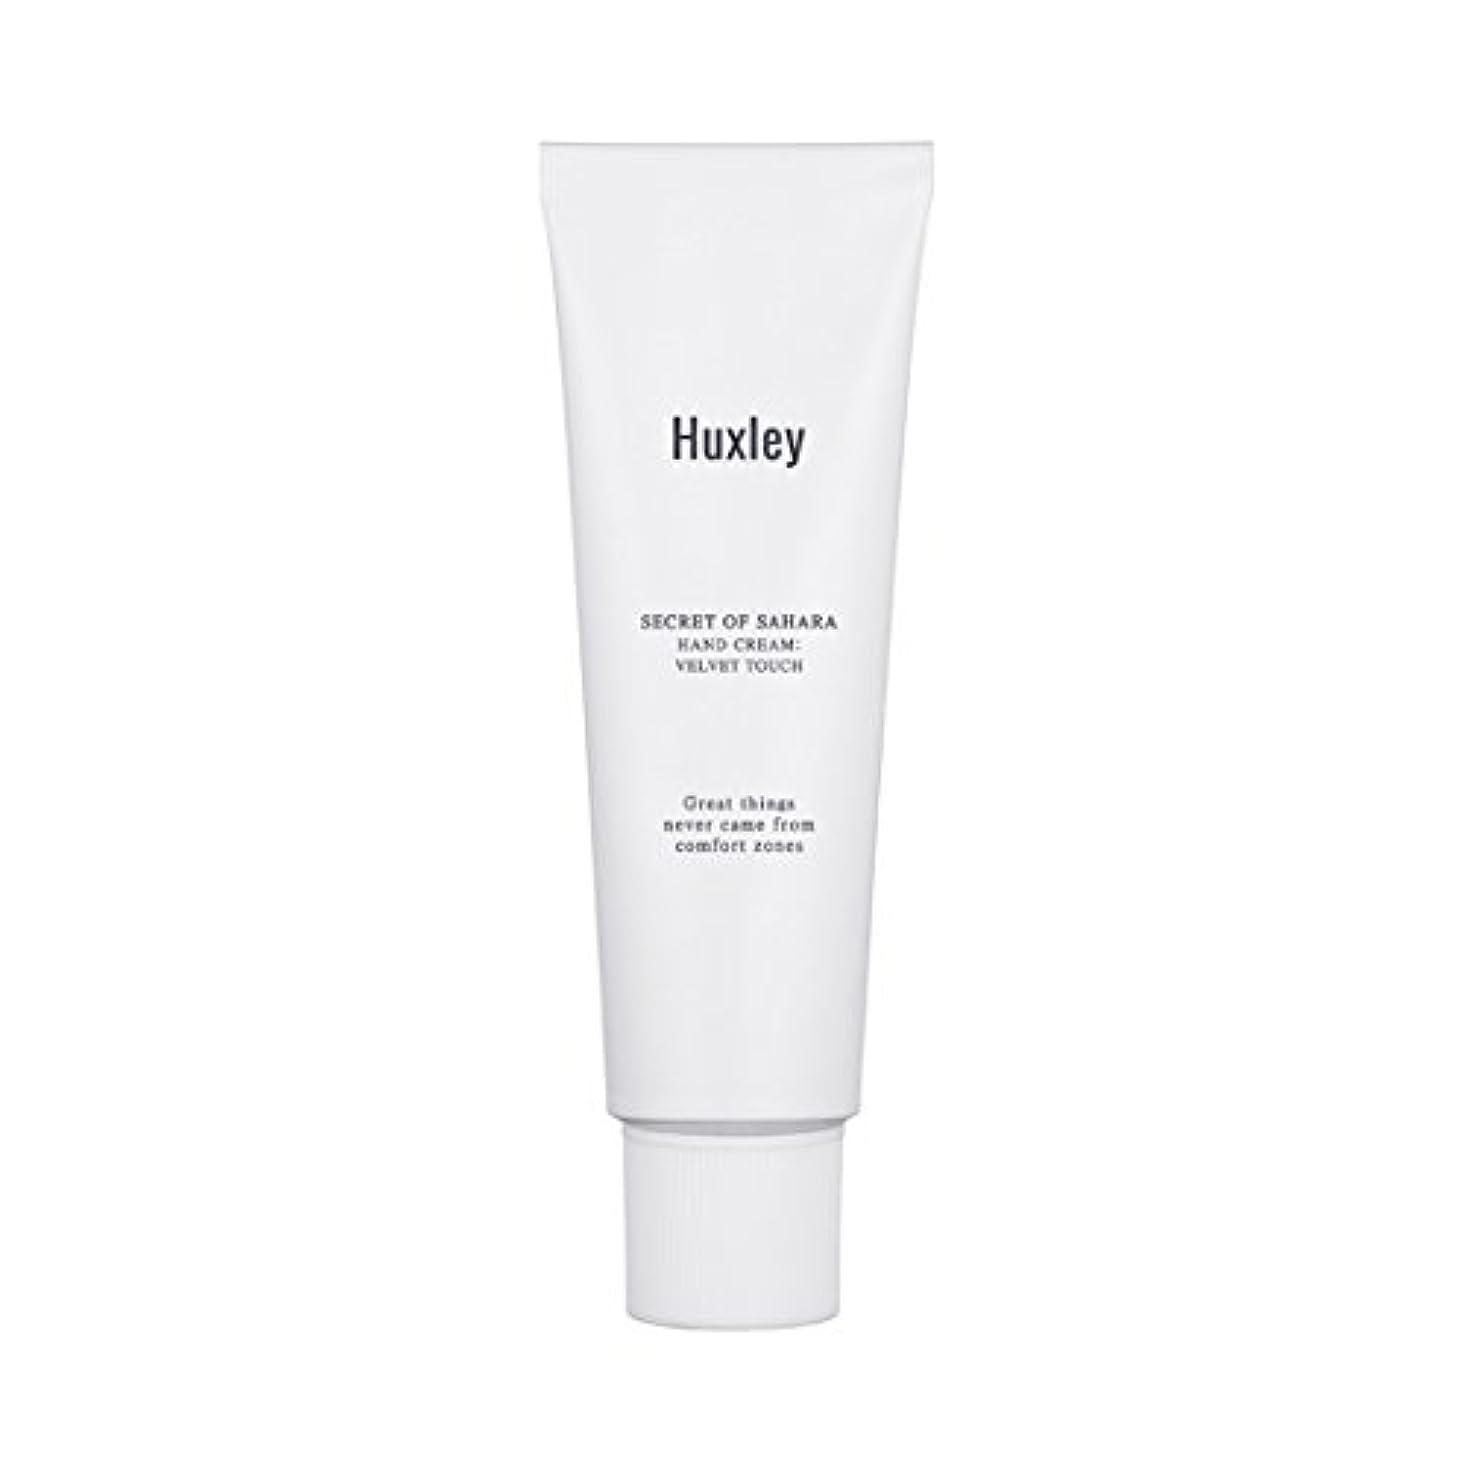 Huxley Hand Cream;Velvet Touch 30ml/ハクスリー ハンドクリーム;ベルベット タッチ 30ml [並行輸入品]